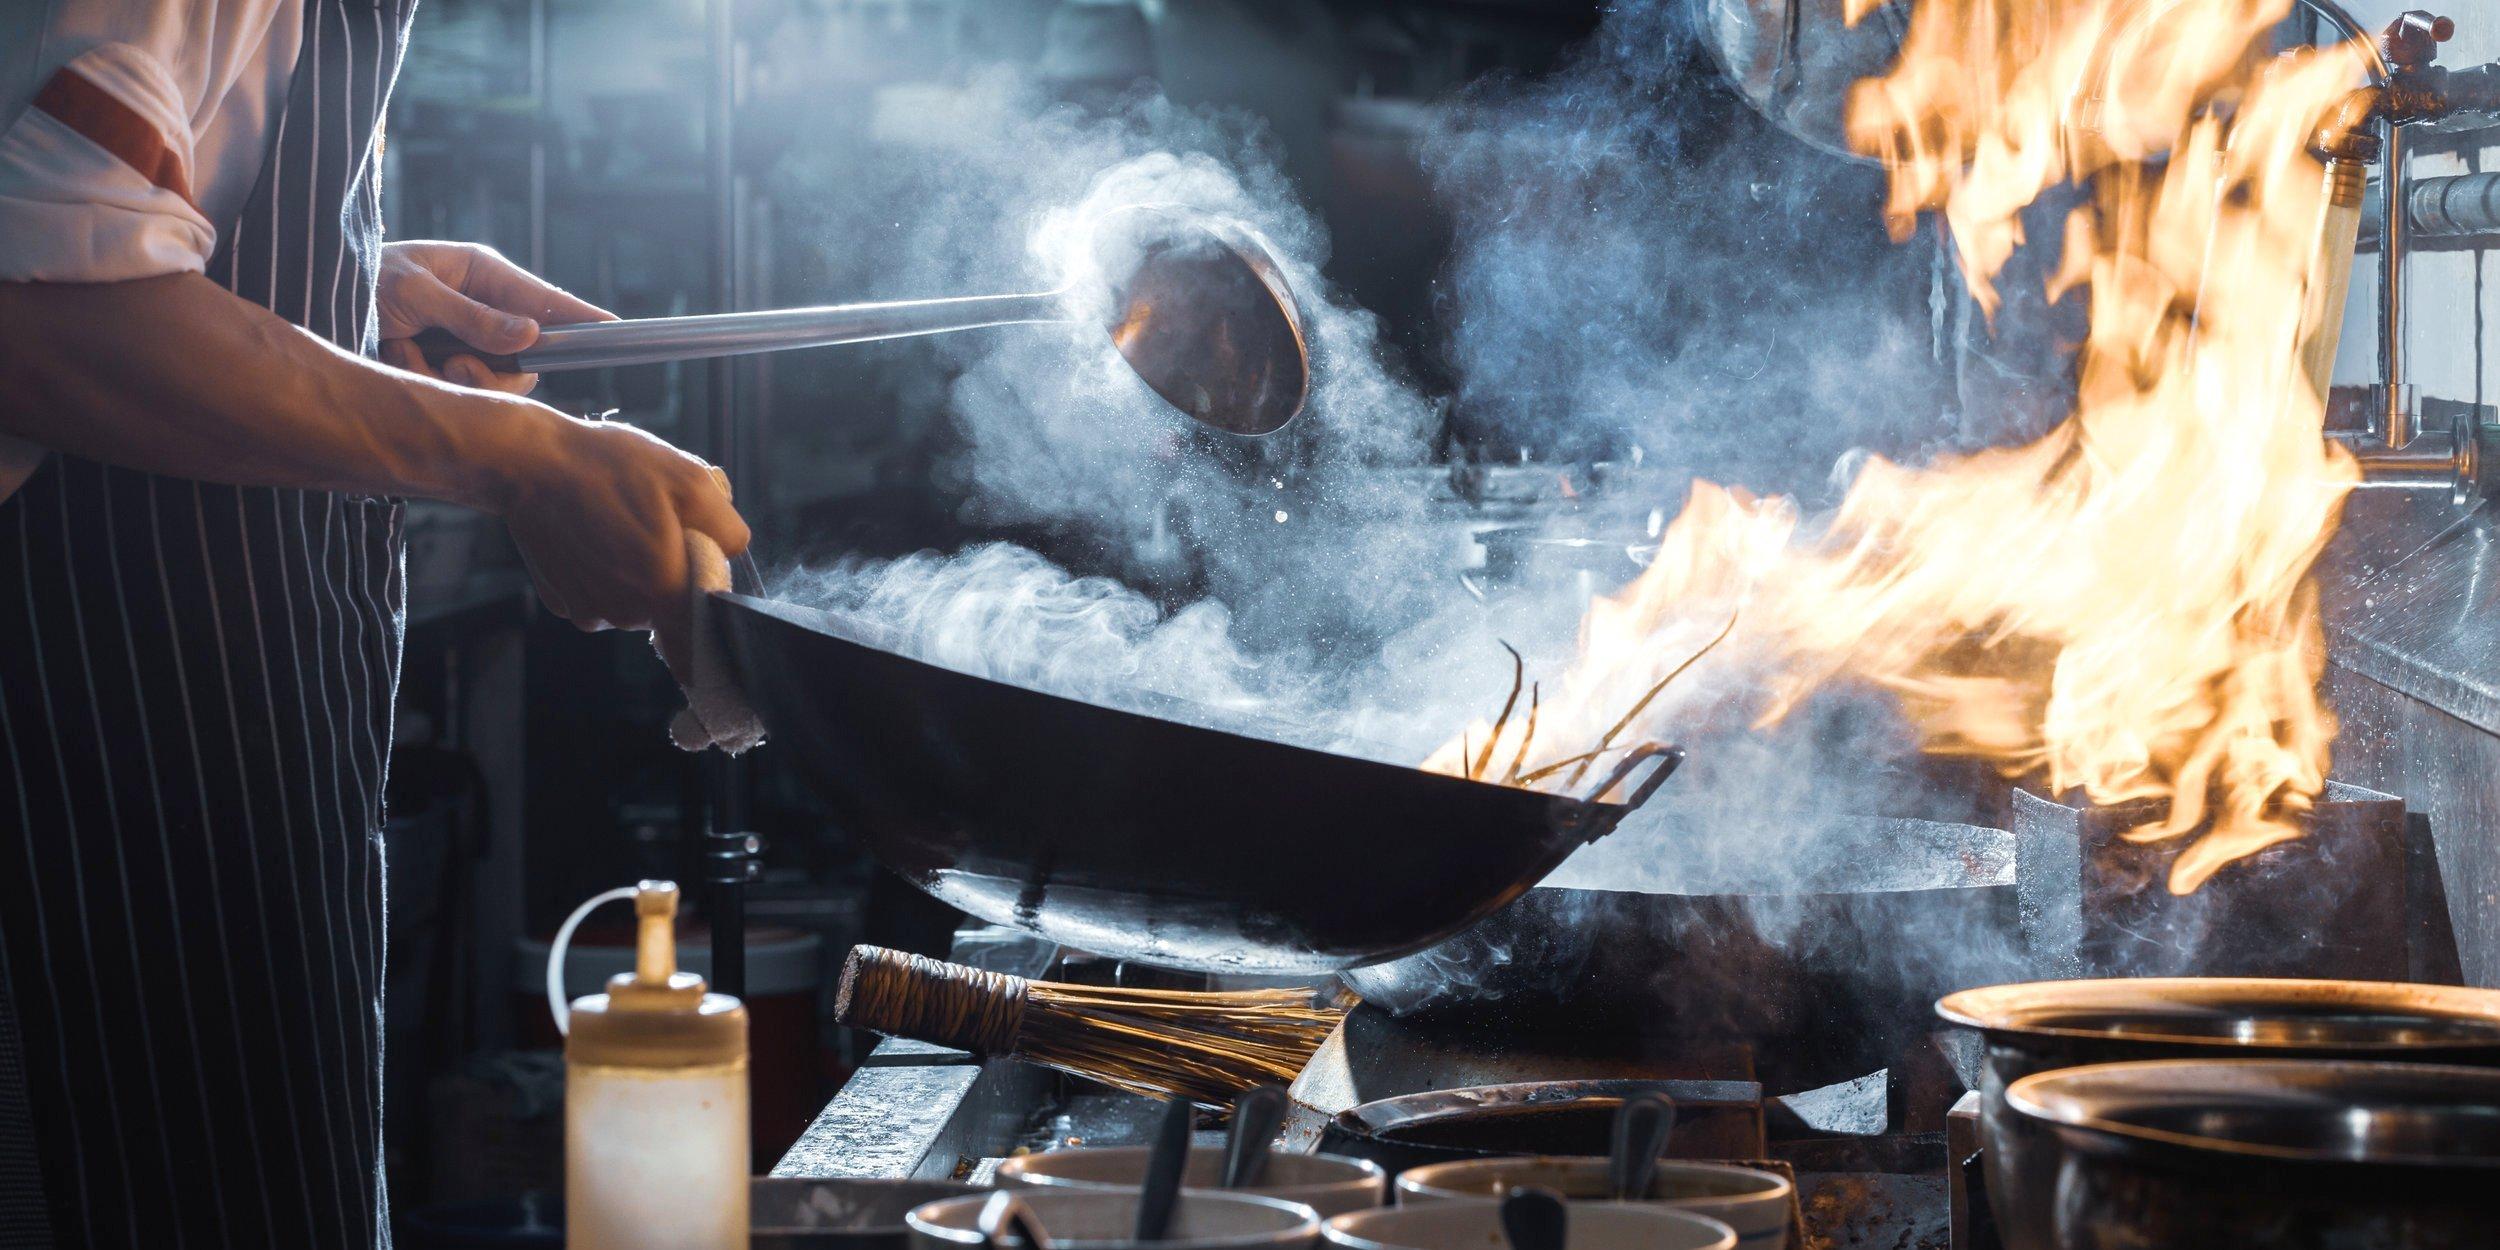 Khói, khí độc sinh ra trong quá trình nấu